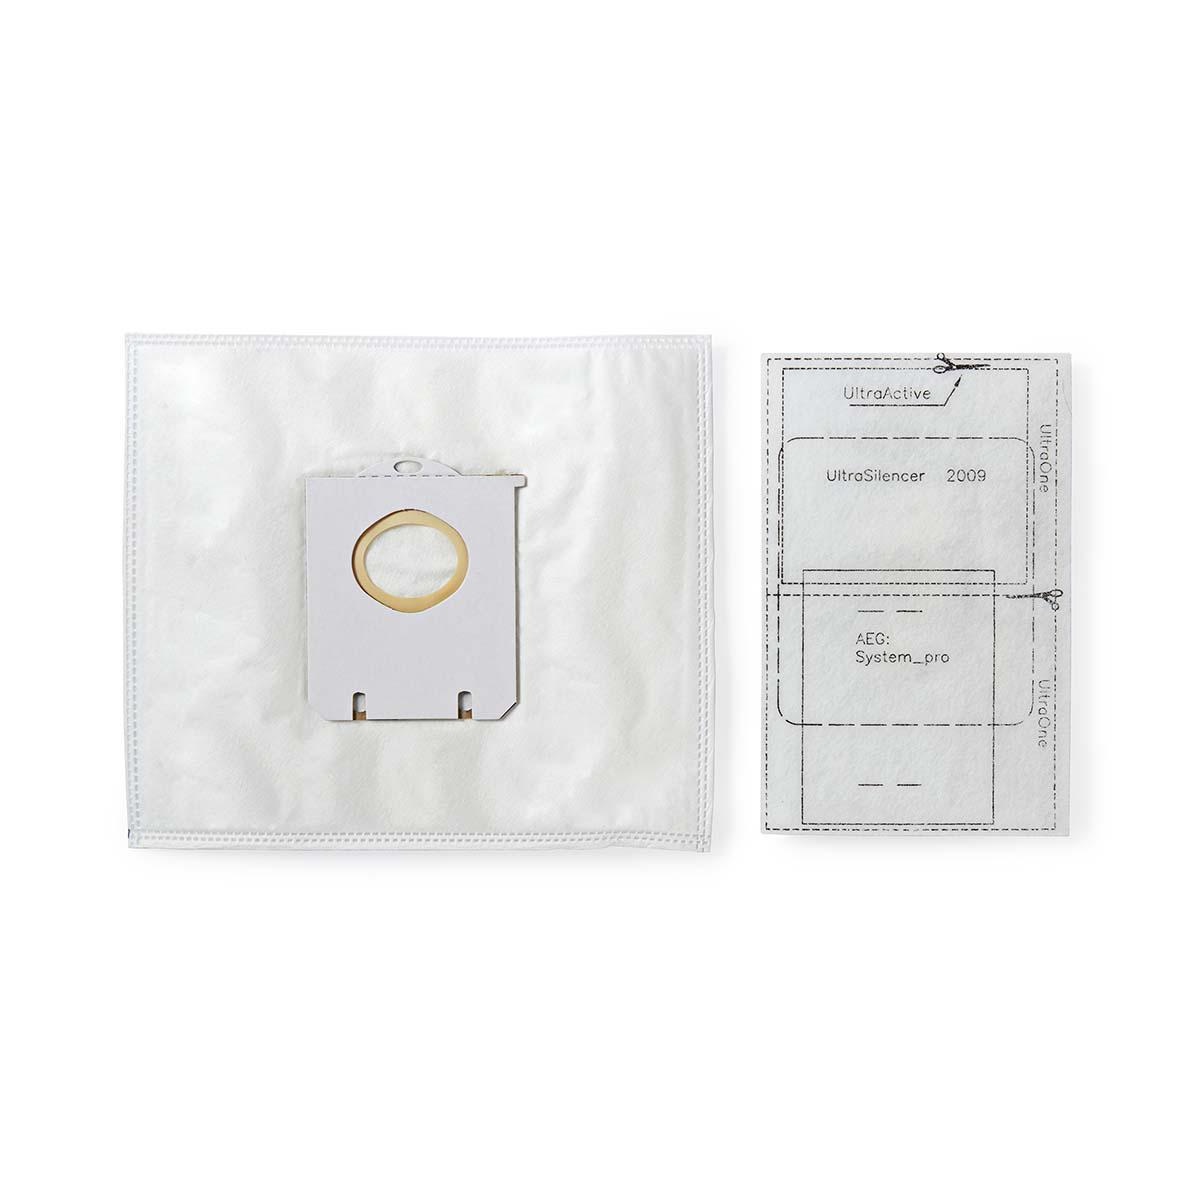 Støvsugerpose | Egnet for Philips, Electrolux | Nedis